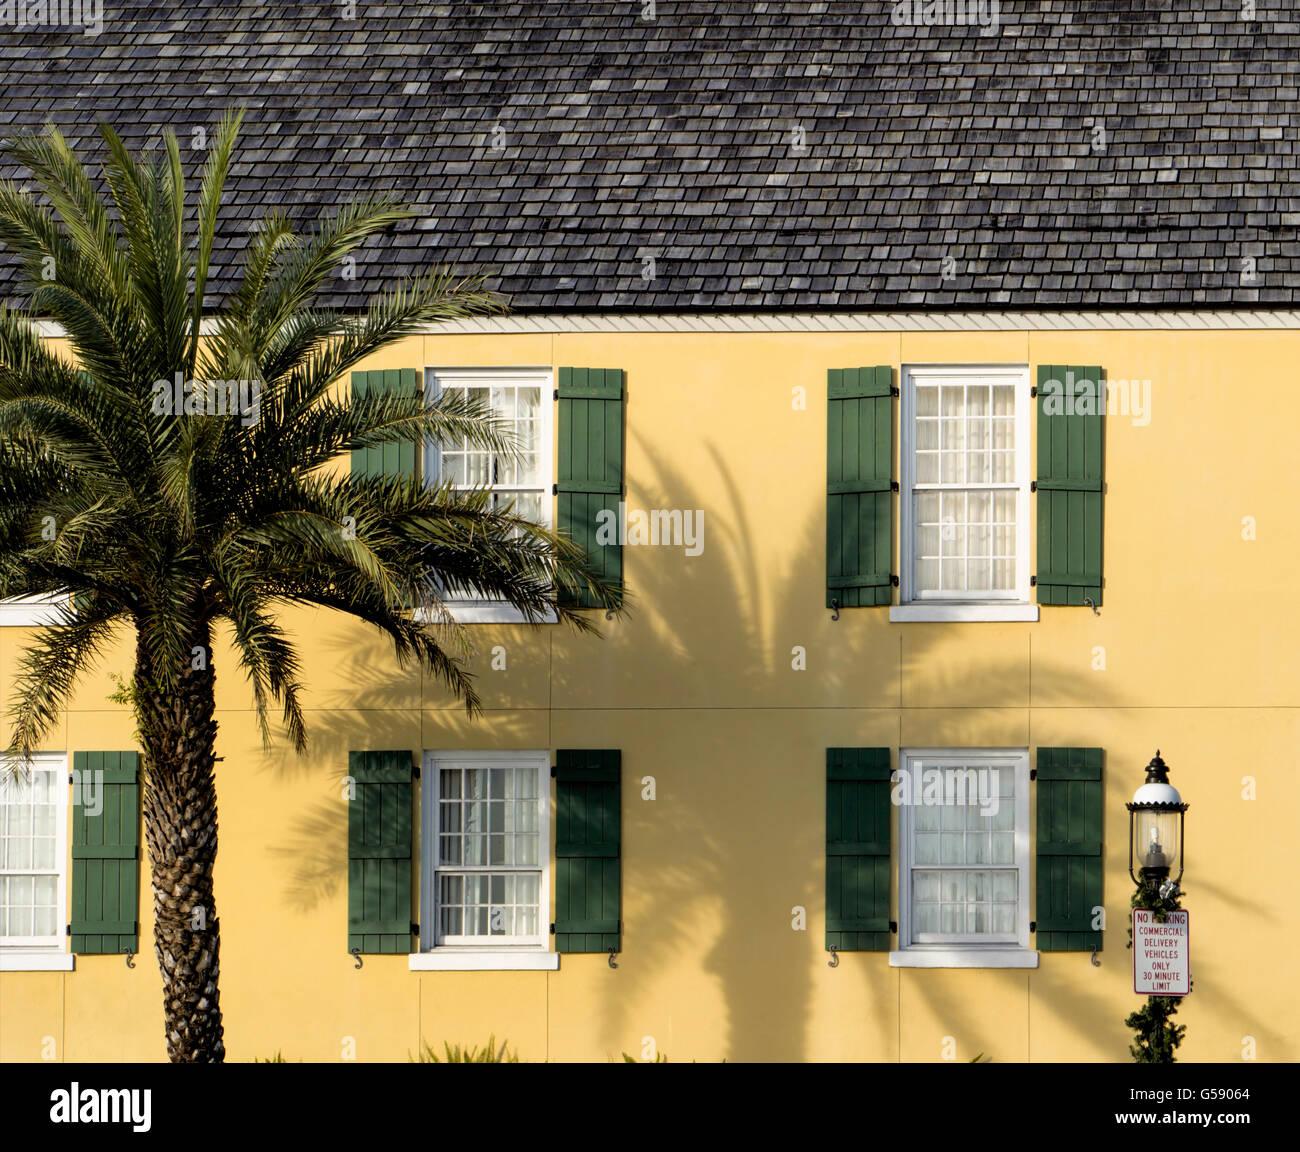 Haus Im Alten Stil Gelb Mit Grunen Fensterladen Palme Und Alte Mode